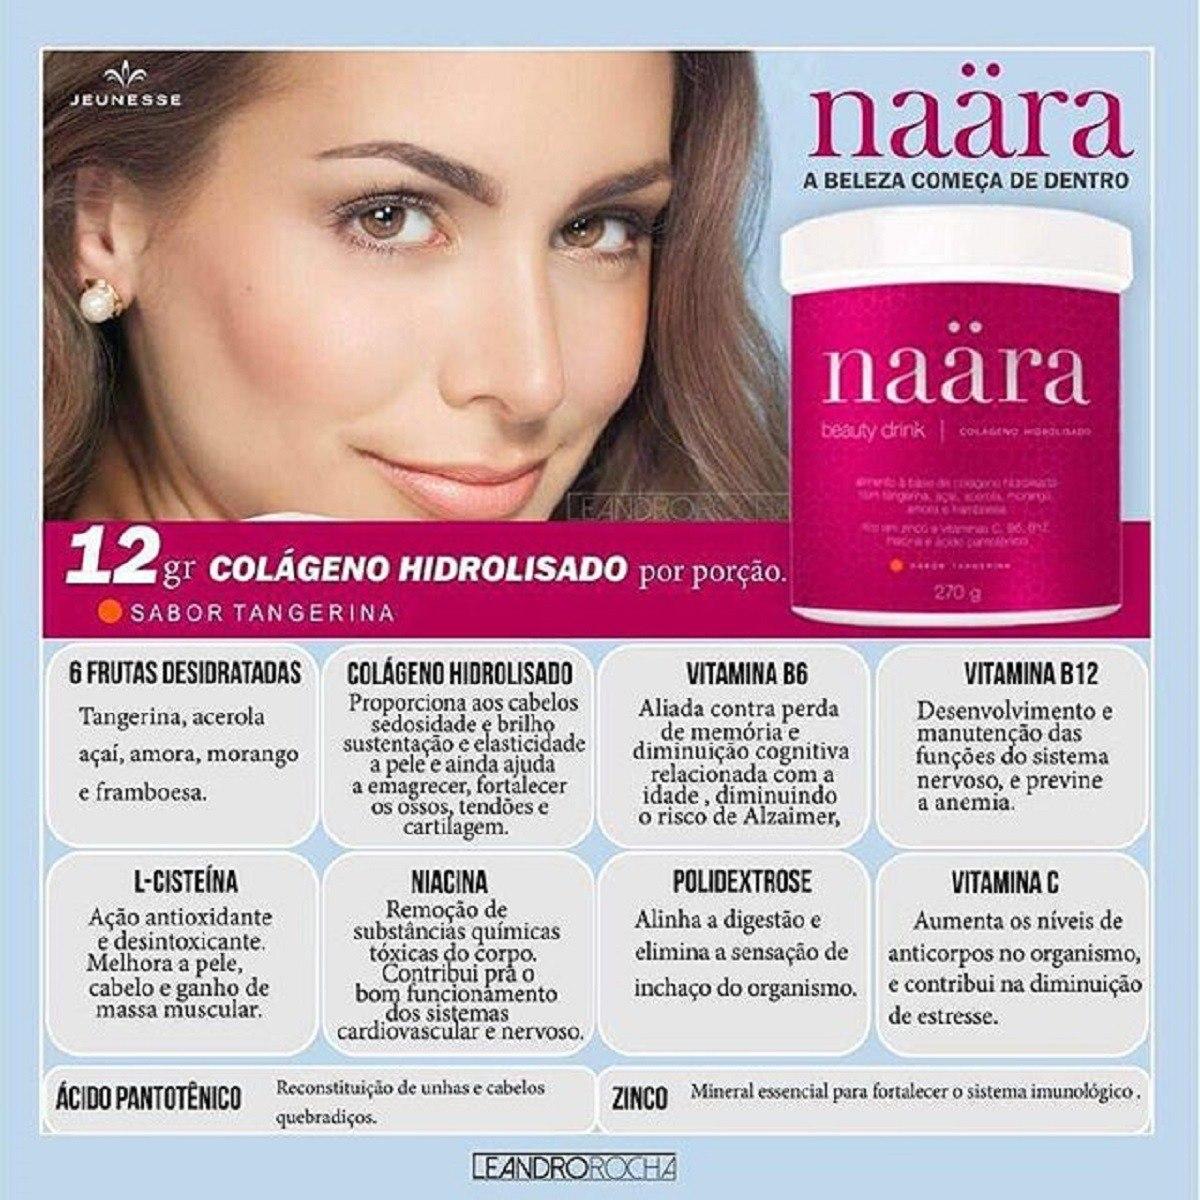 2ef15762f Naara Beauty Drink - Colágeno Hidrolisado Melhor Preço Do Ml - R ...